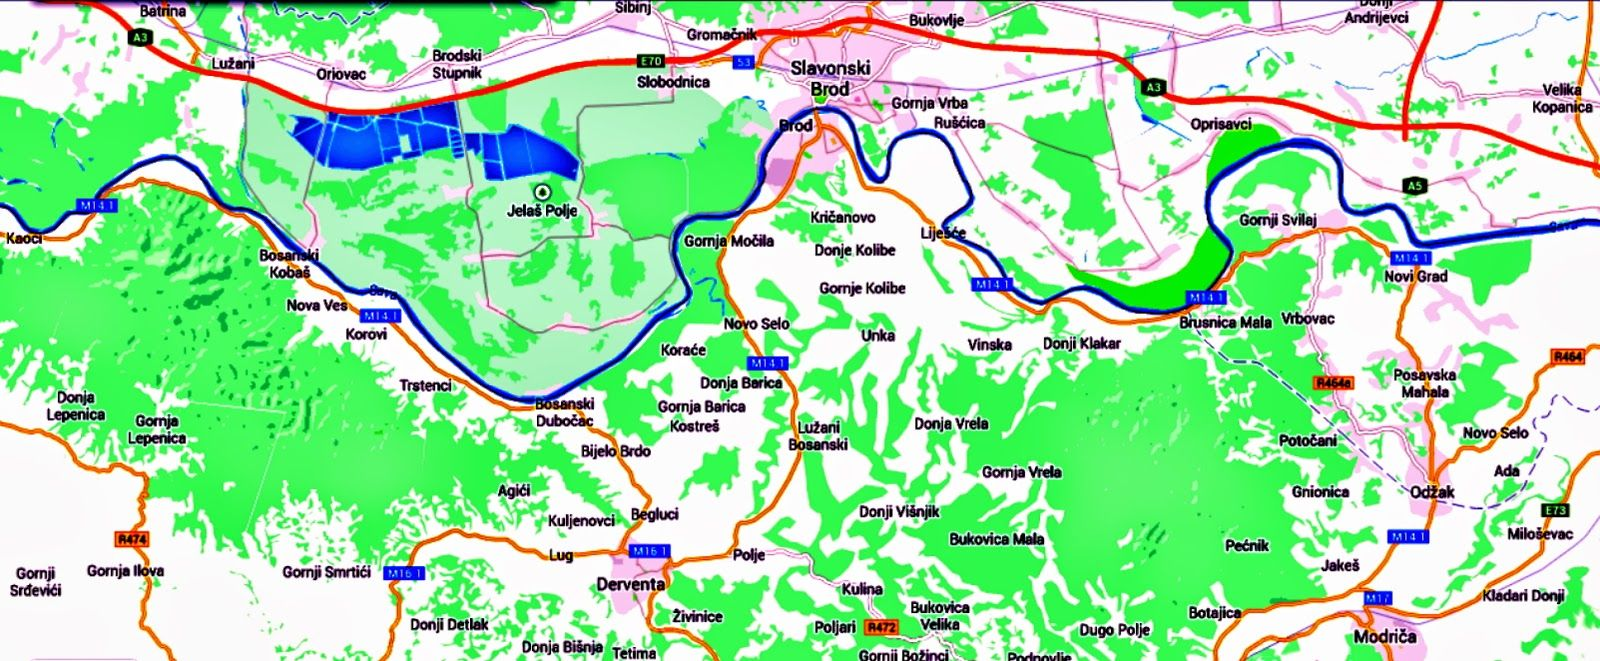 Slavonski Brod Je Divan Grad Na Rijeci Savi Slavonski Brod Grad Map Screenshot